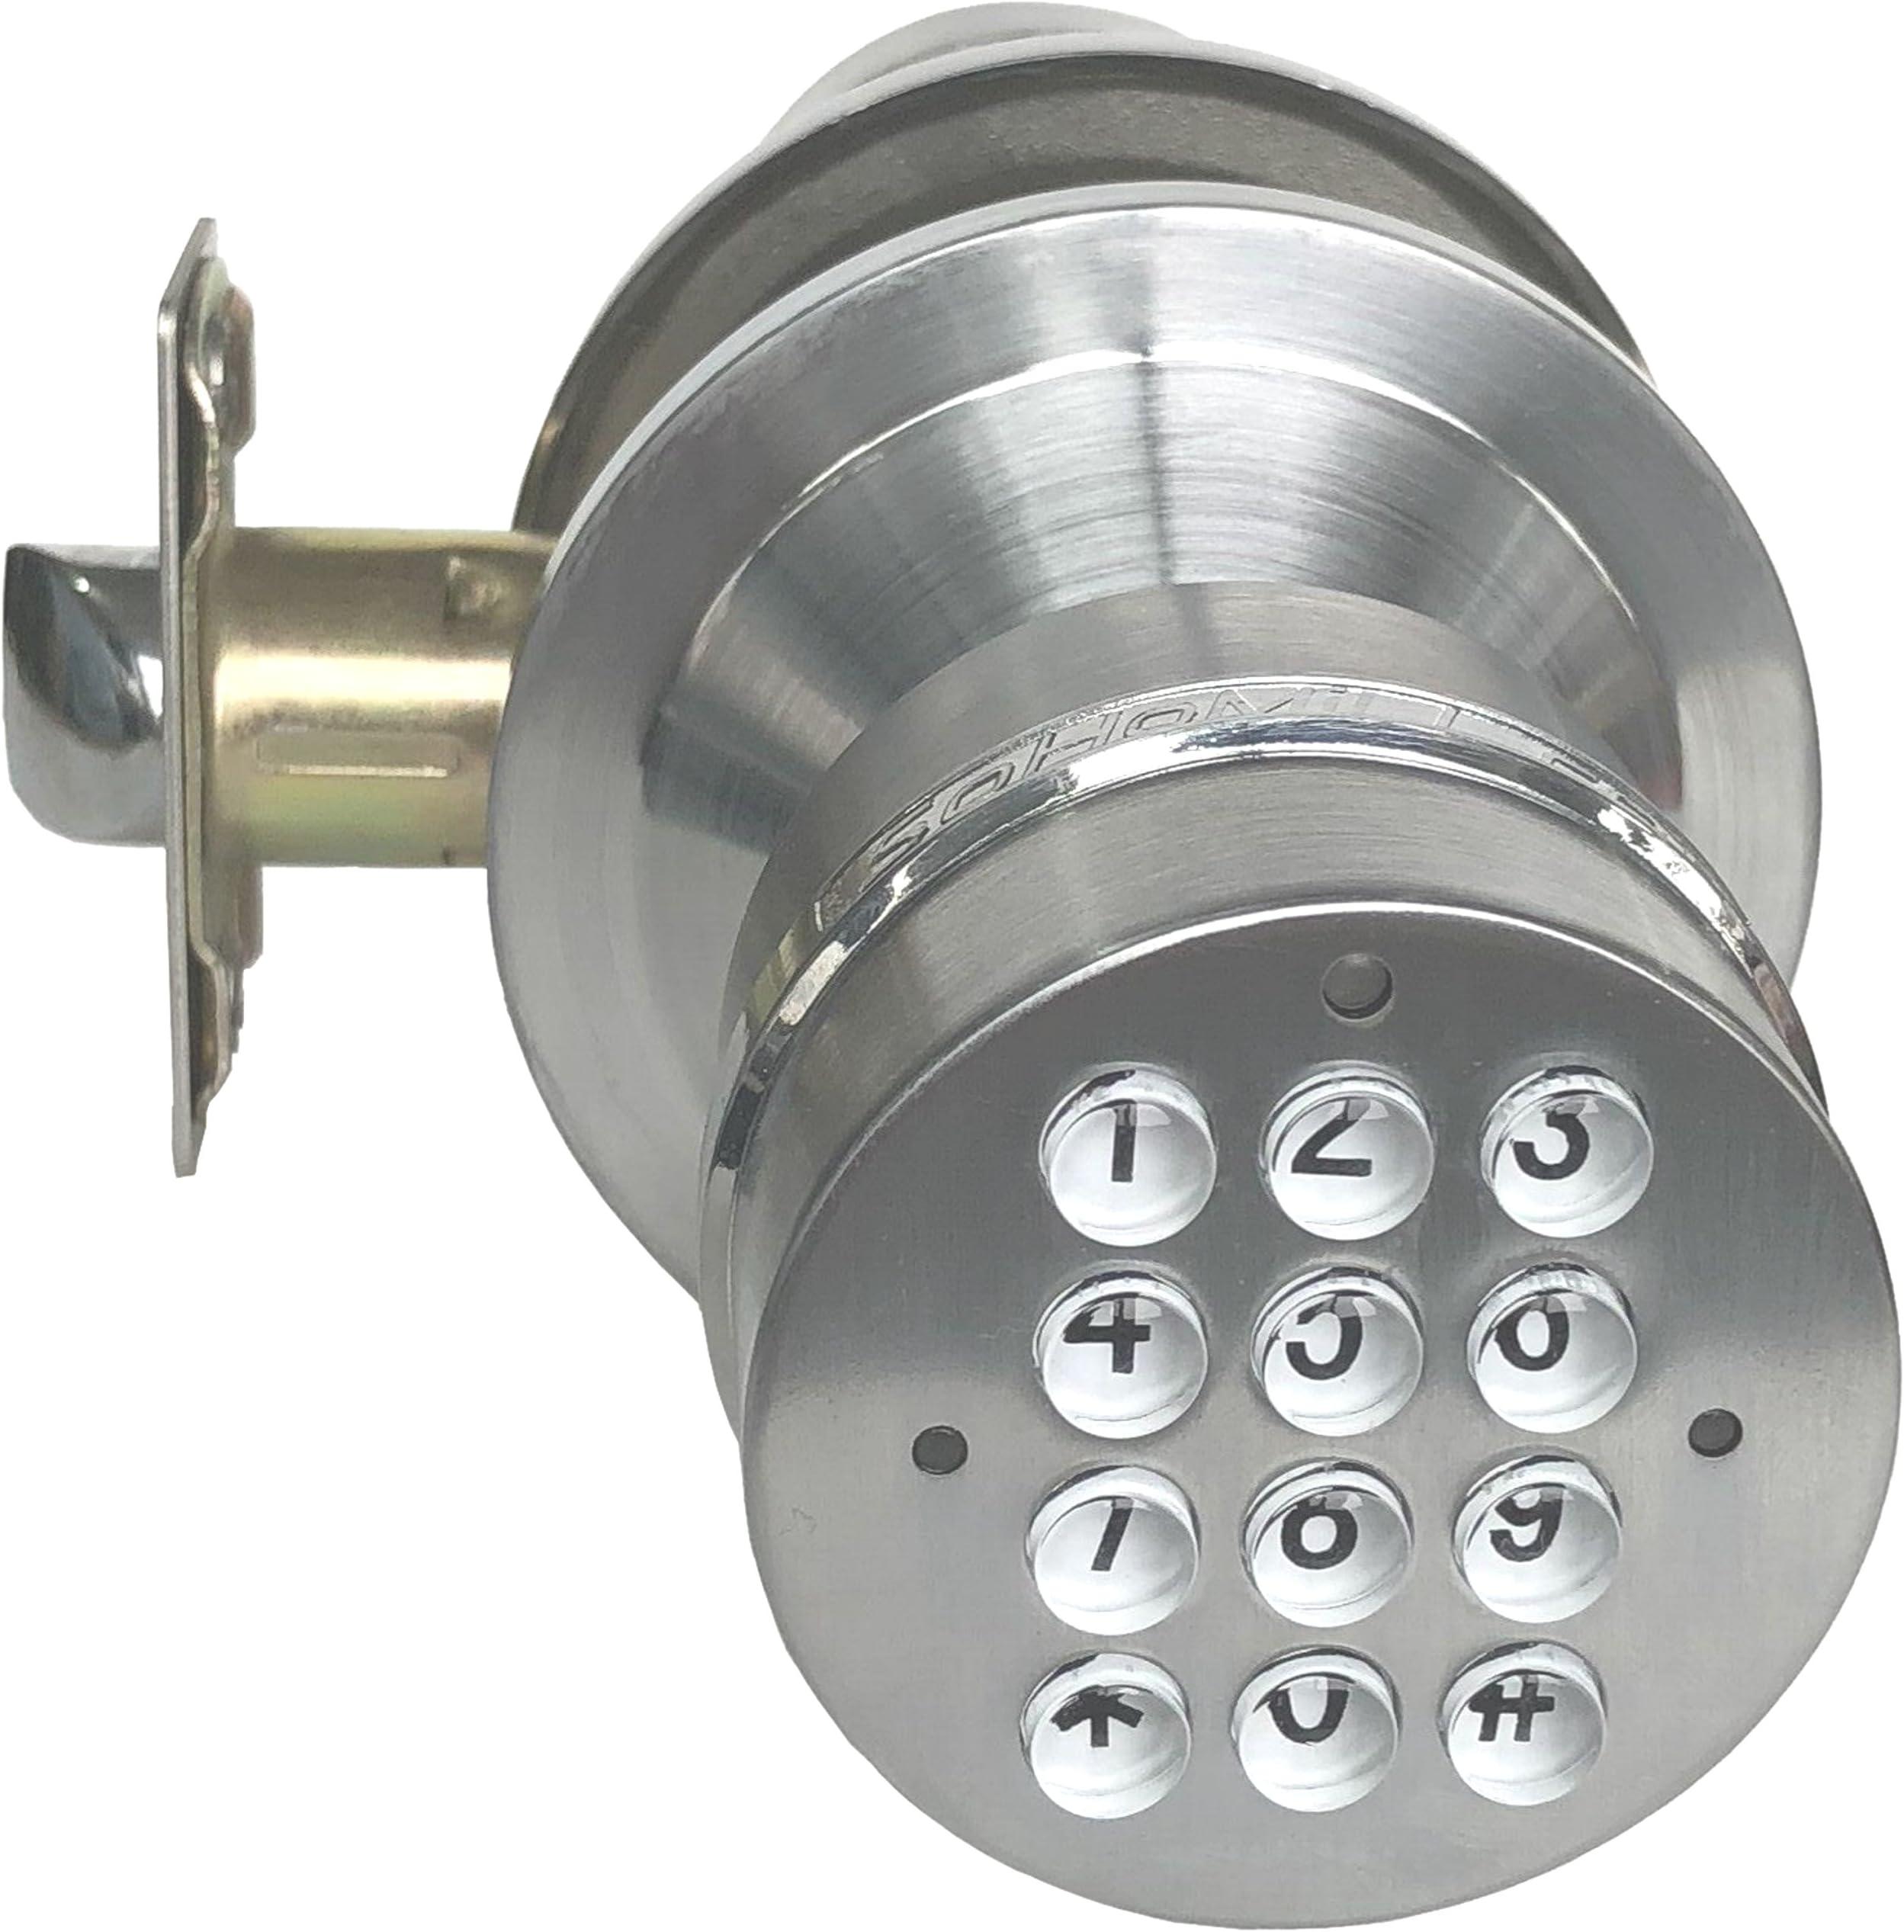 Door Knobs  sc 1 st  Amazon.com & Door Knobs   Amazon.com   Hardware - Door Hardware u0026 Locks